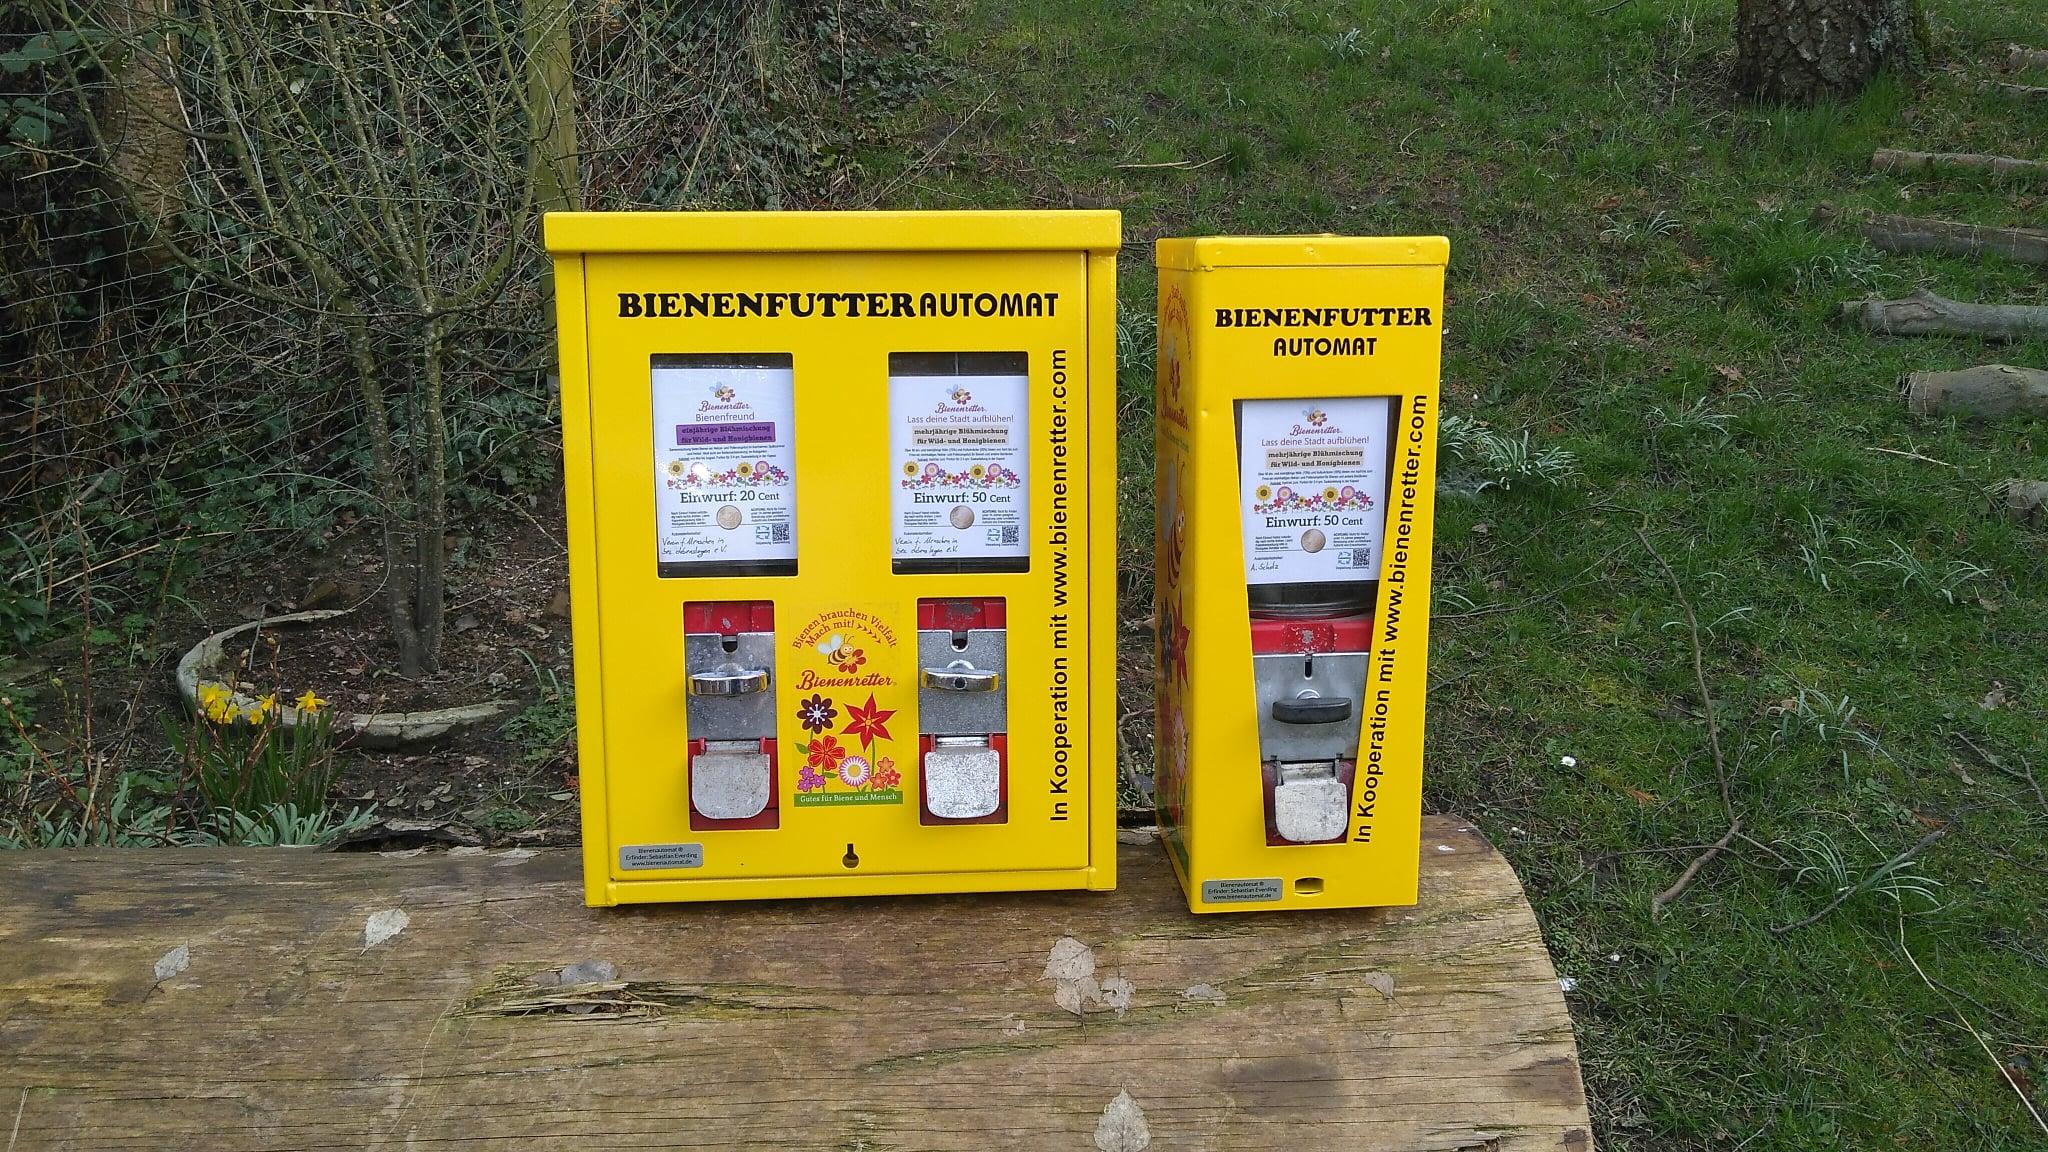 Bienenfutterautomat